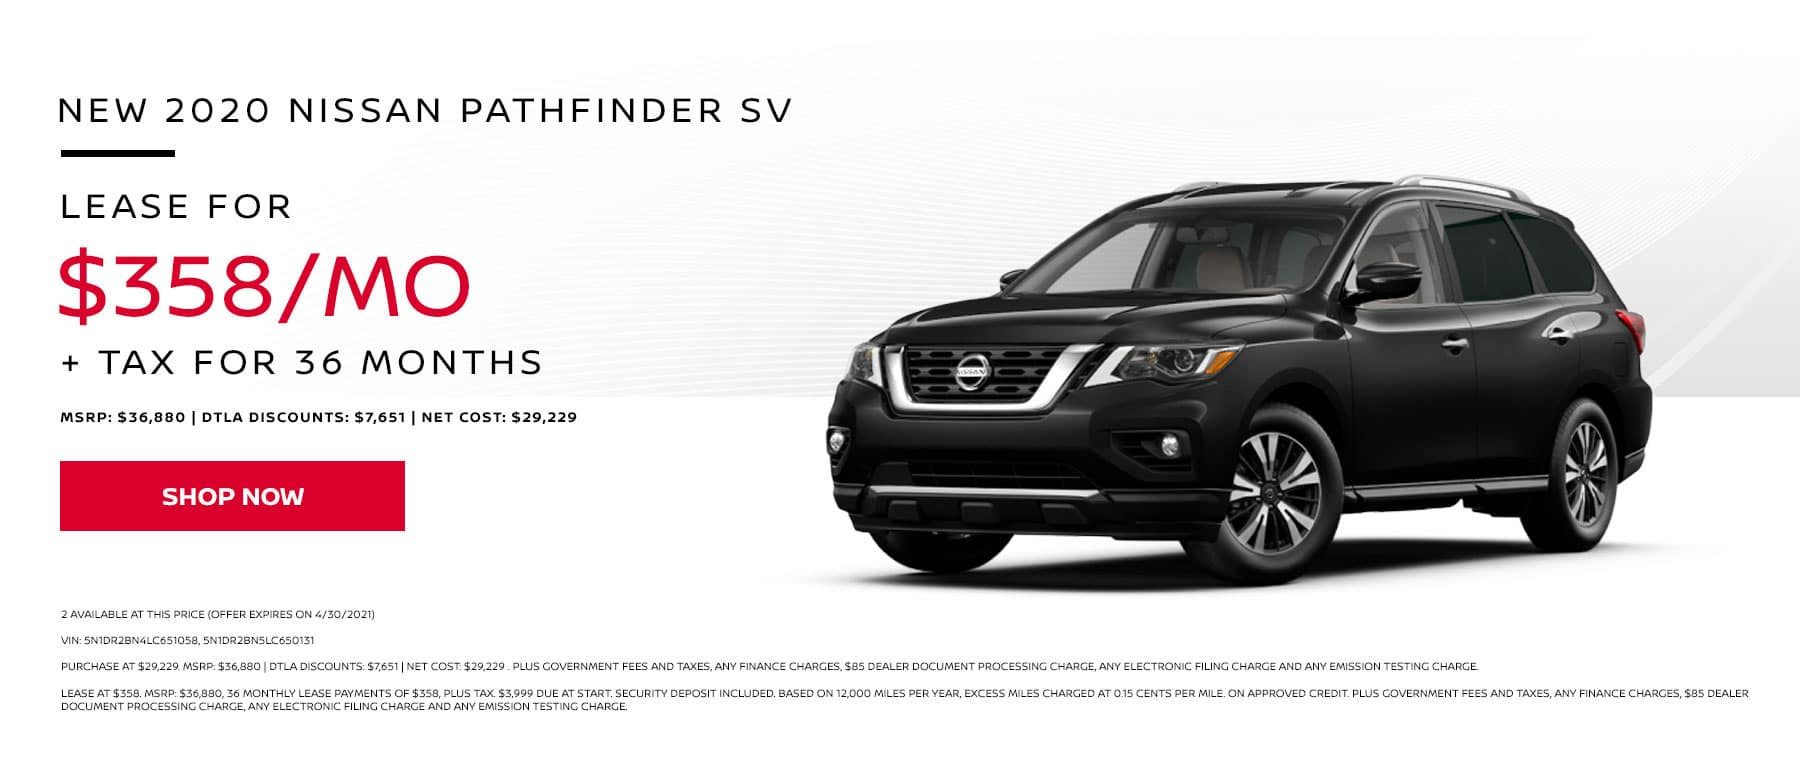 Nissan Pathfinder (3) (1)